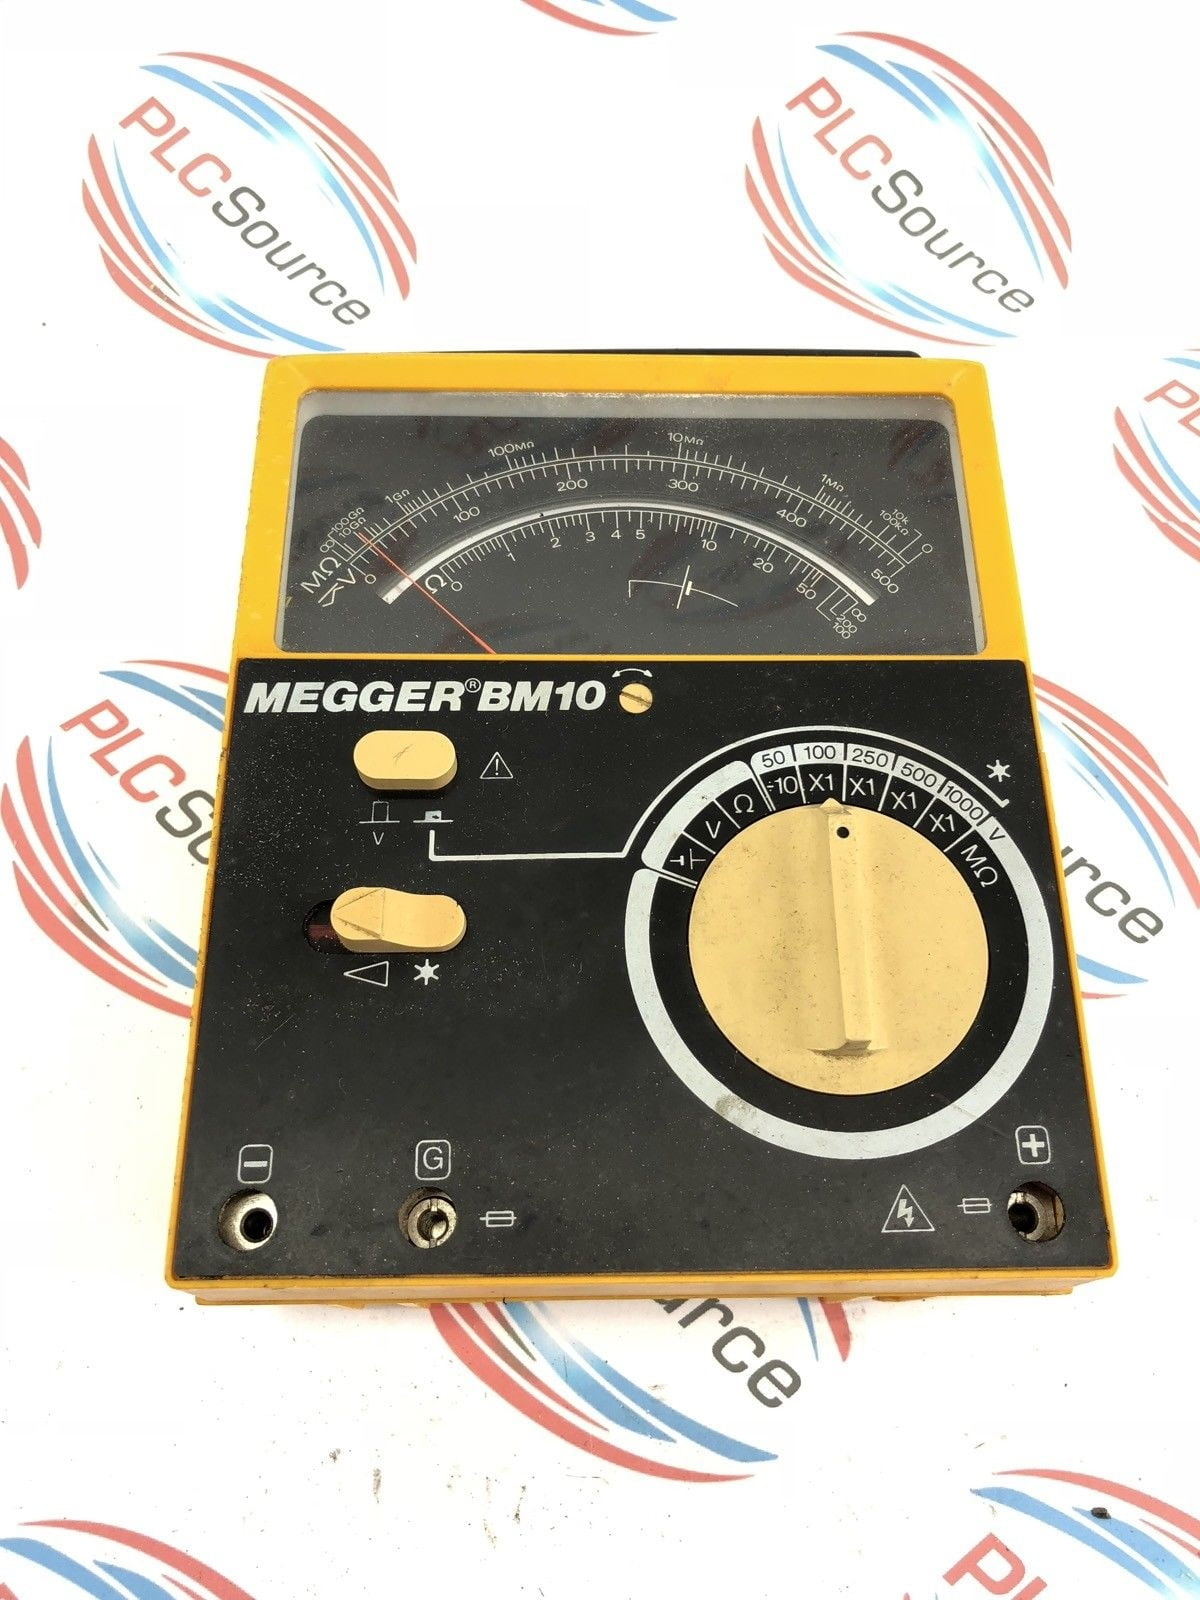 Analog Meter Megger Bm10 Megohmmeter 21810 Biddle Instruments